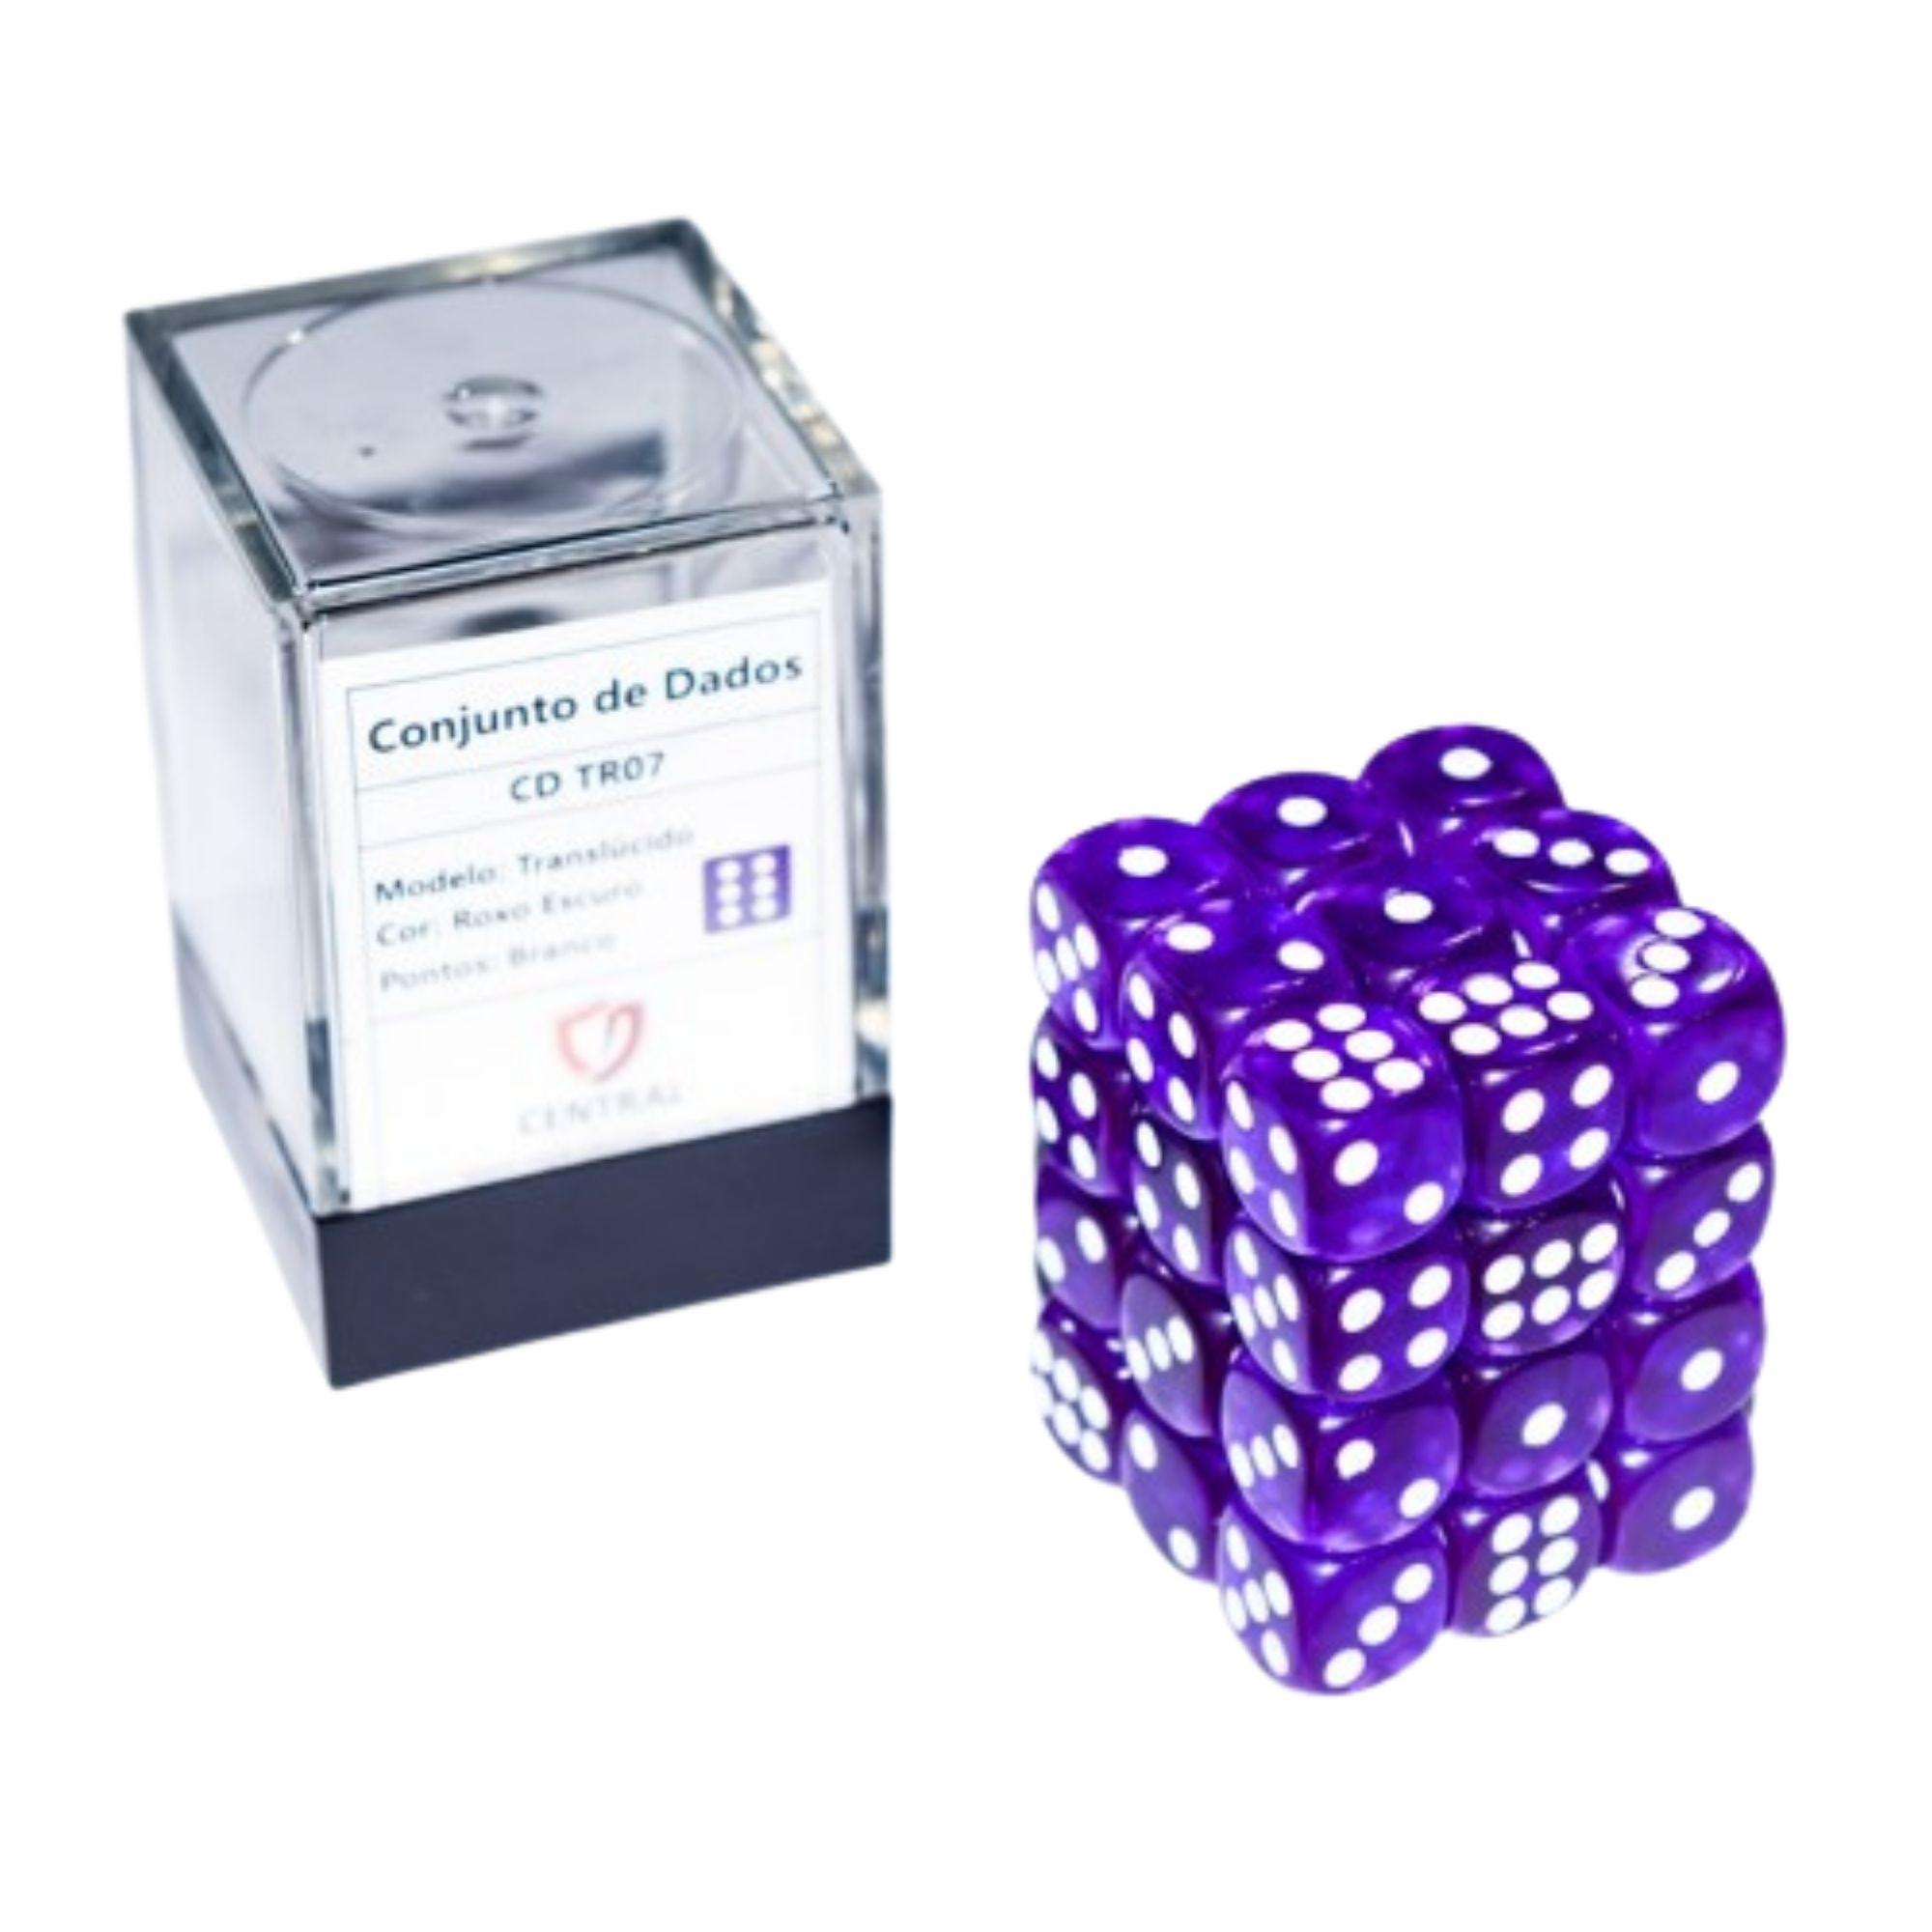 Central Dices Conjuntos 36 Dados D6 Translúcido Roxo Escuro e Branco